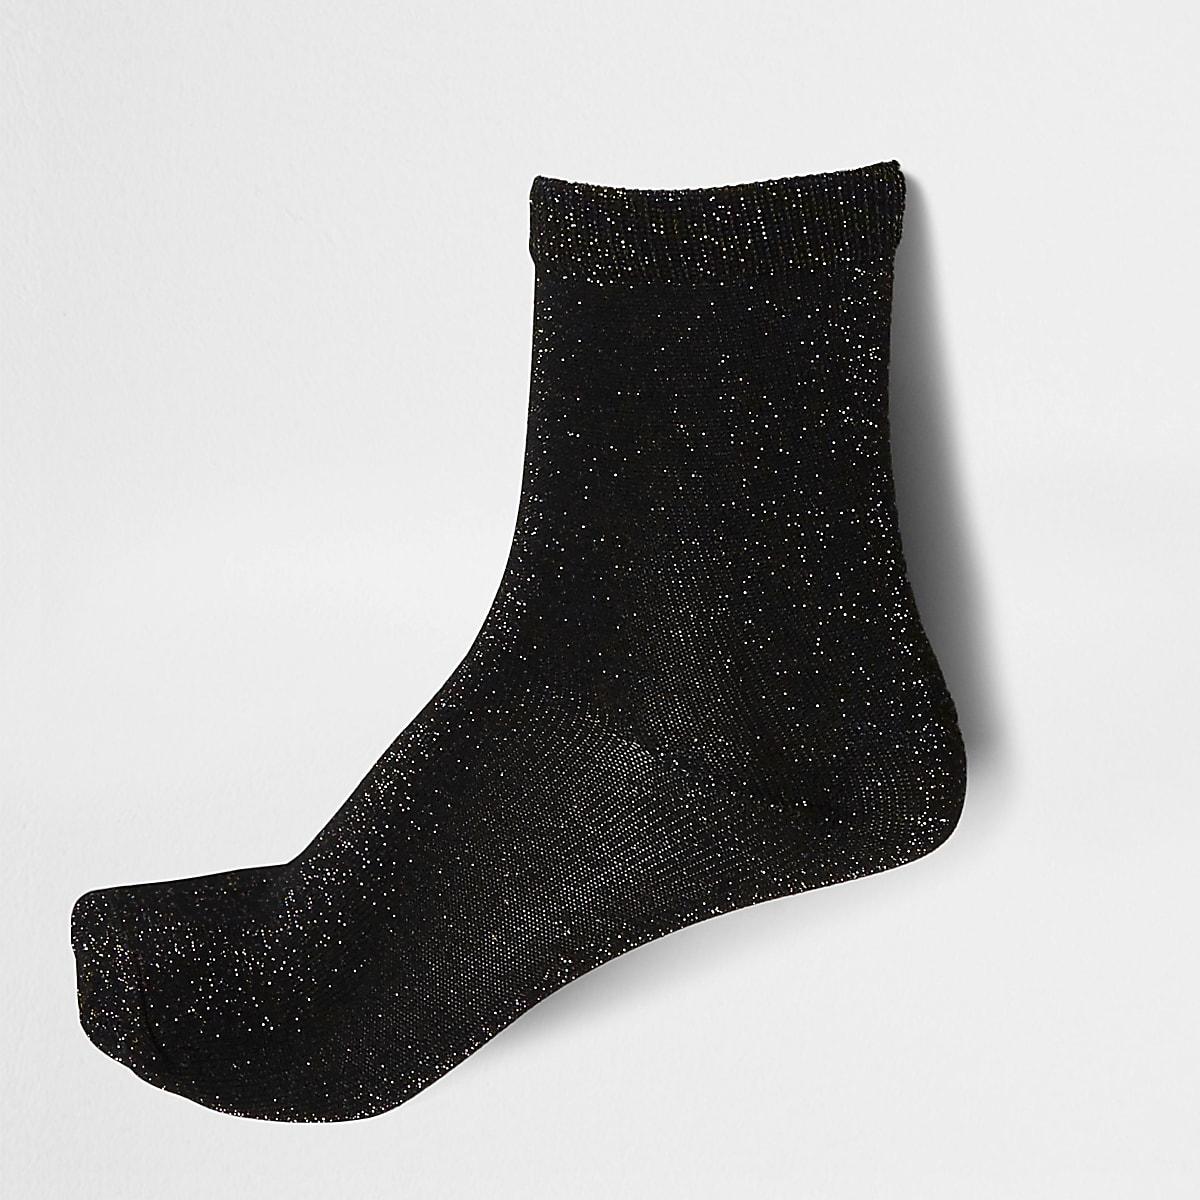 Black metallic ankle socks